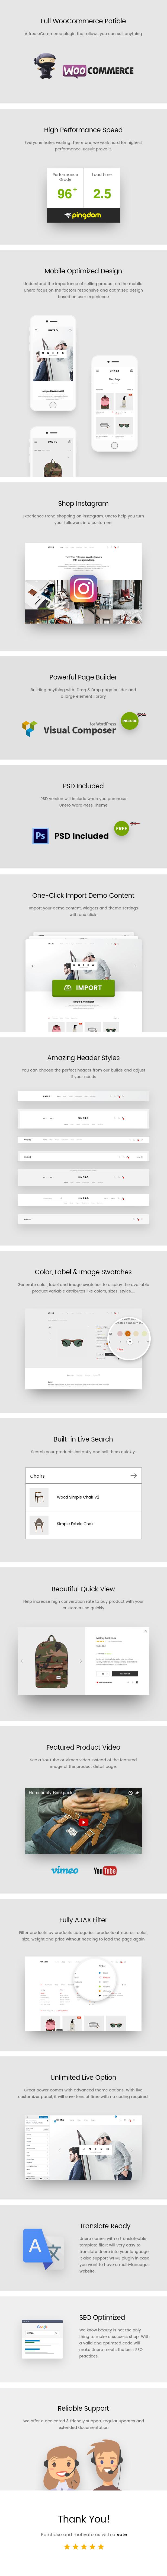 Unero - Minimalist AJAX WooCommerce WordPress Theme - 10